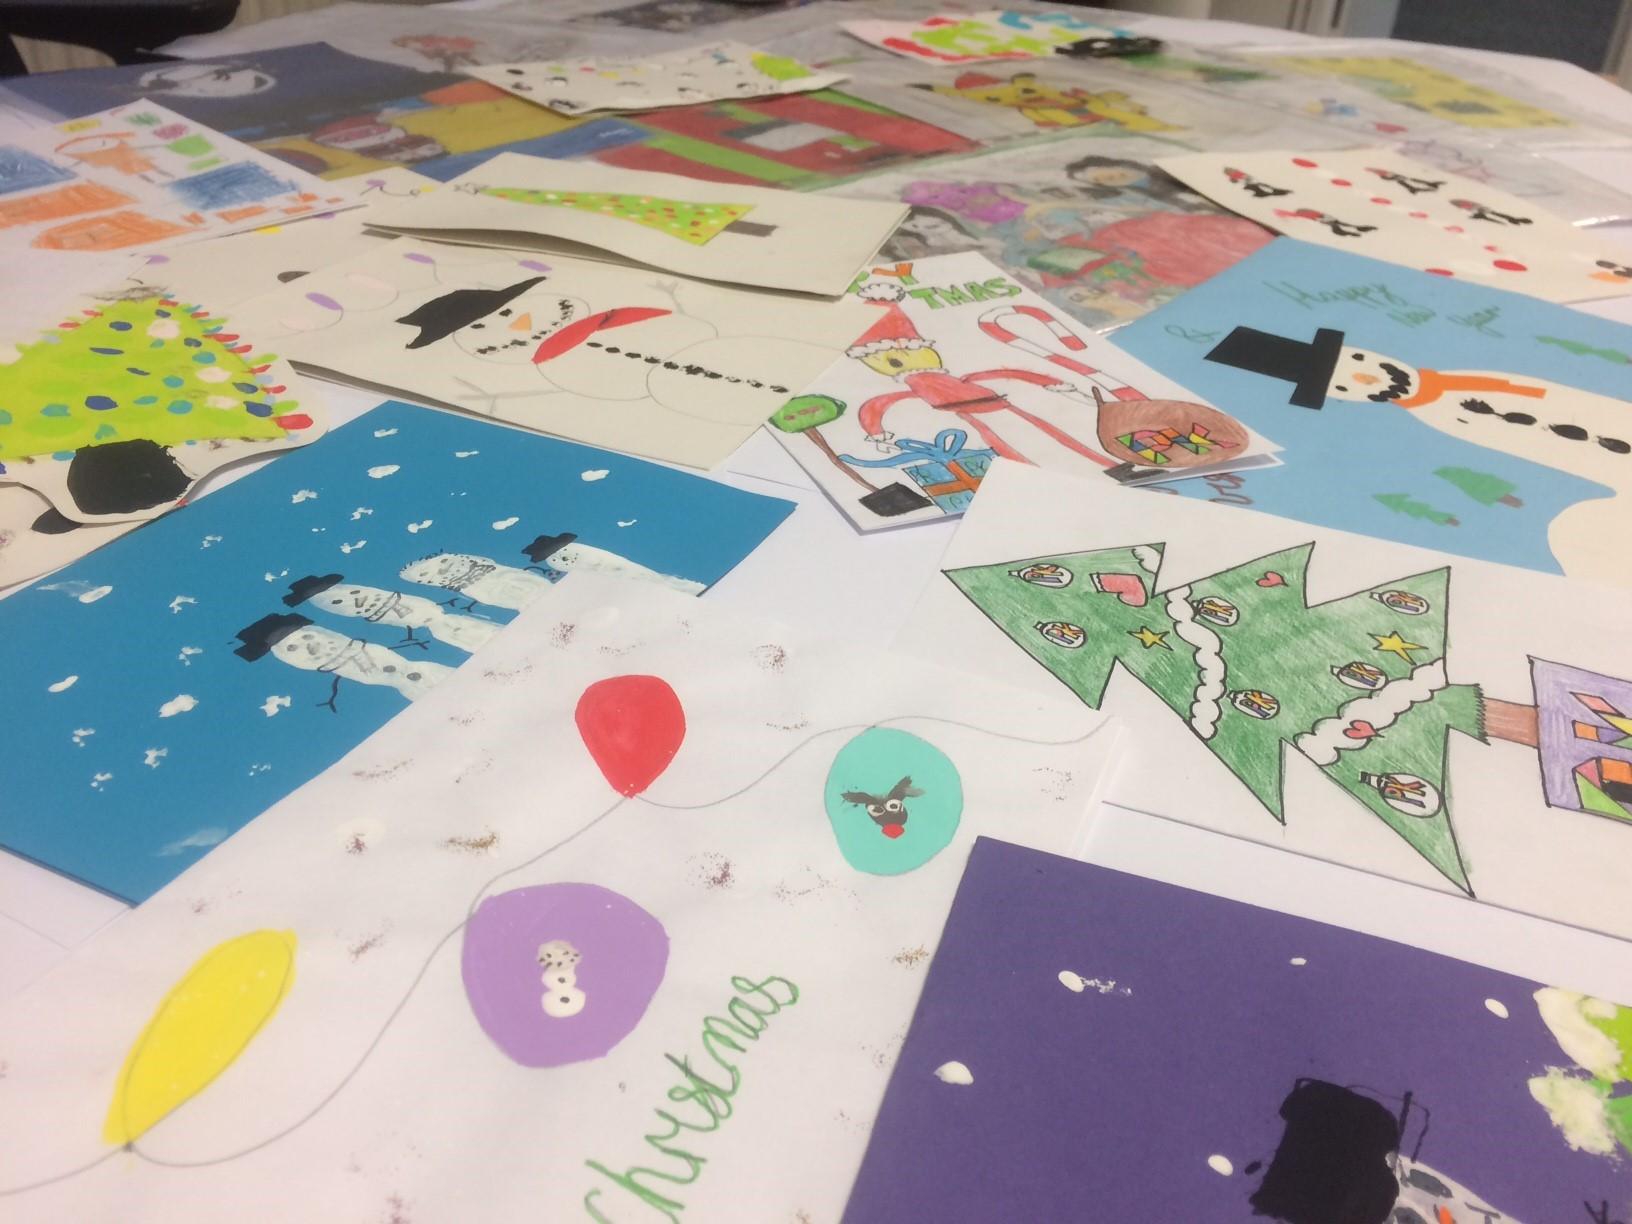 Christmas card entries spread across desk